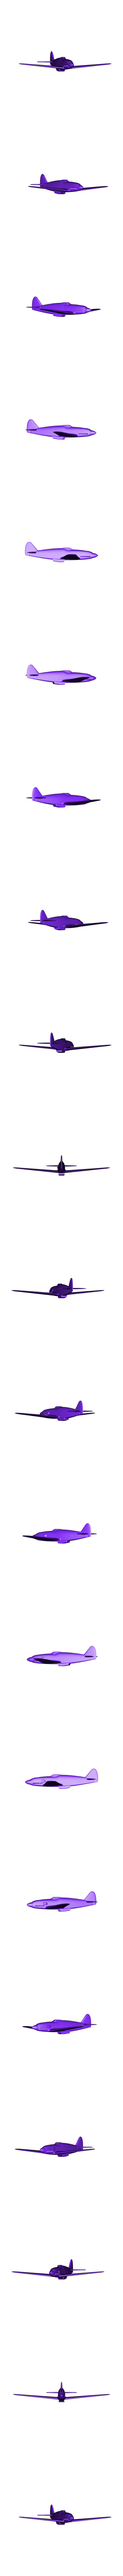 KI61_HD.STL Download STL file Kawasaki Ki-61 Hien • 3D printing template, 3Dmodeling